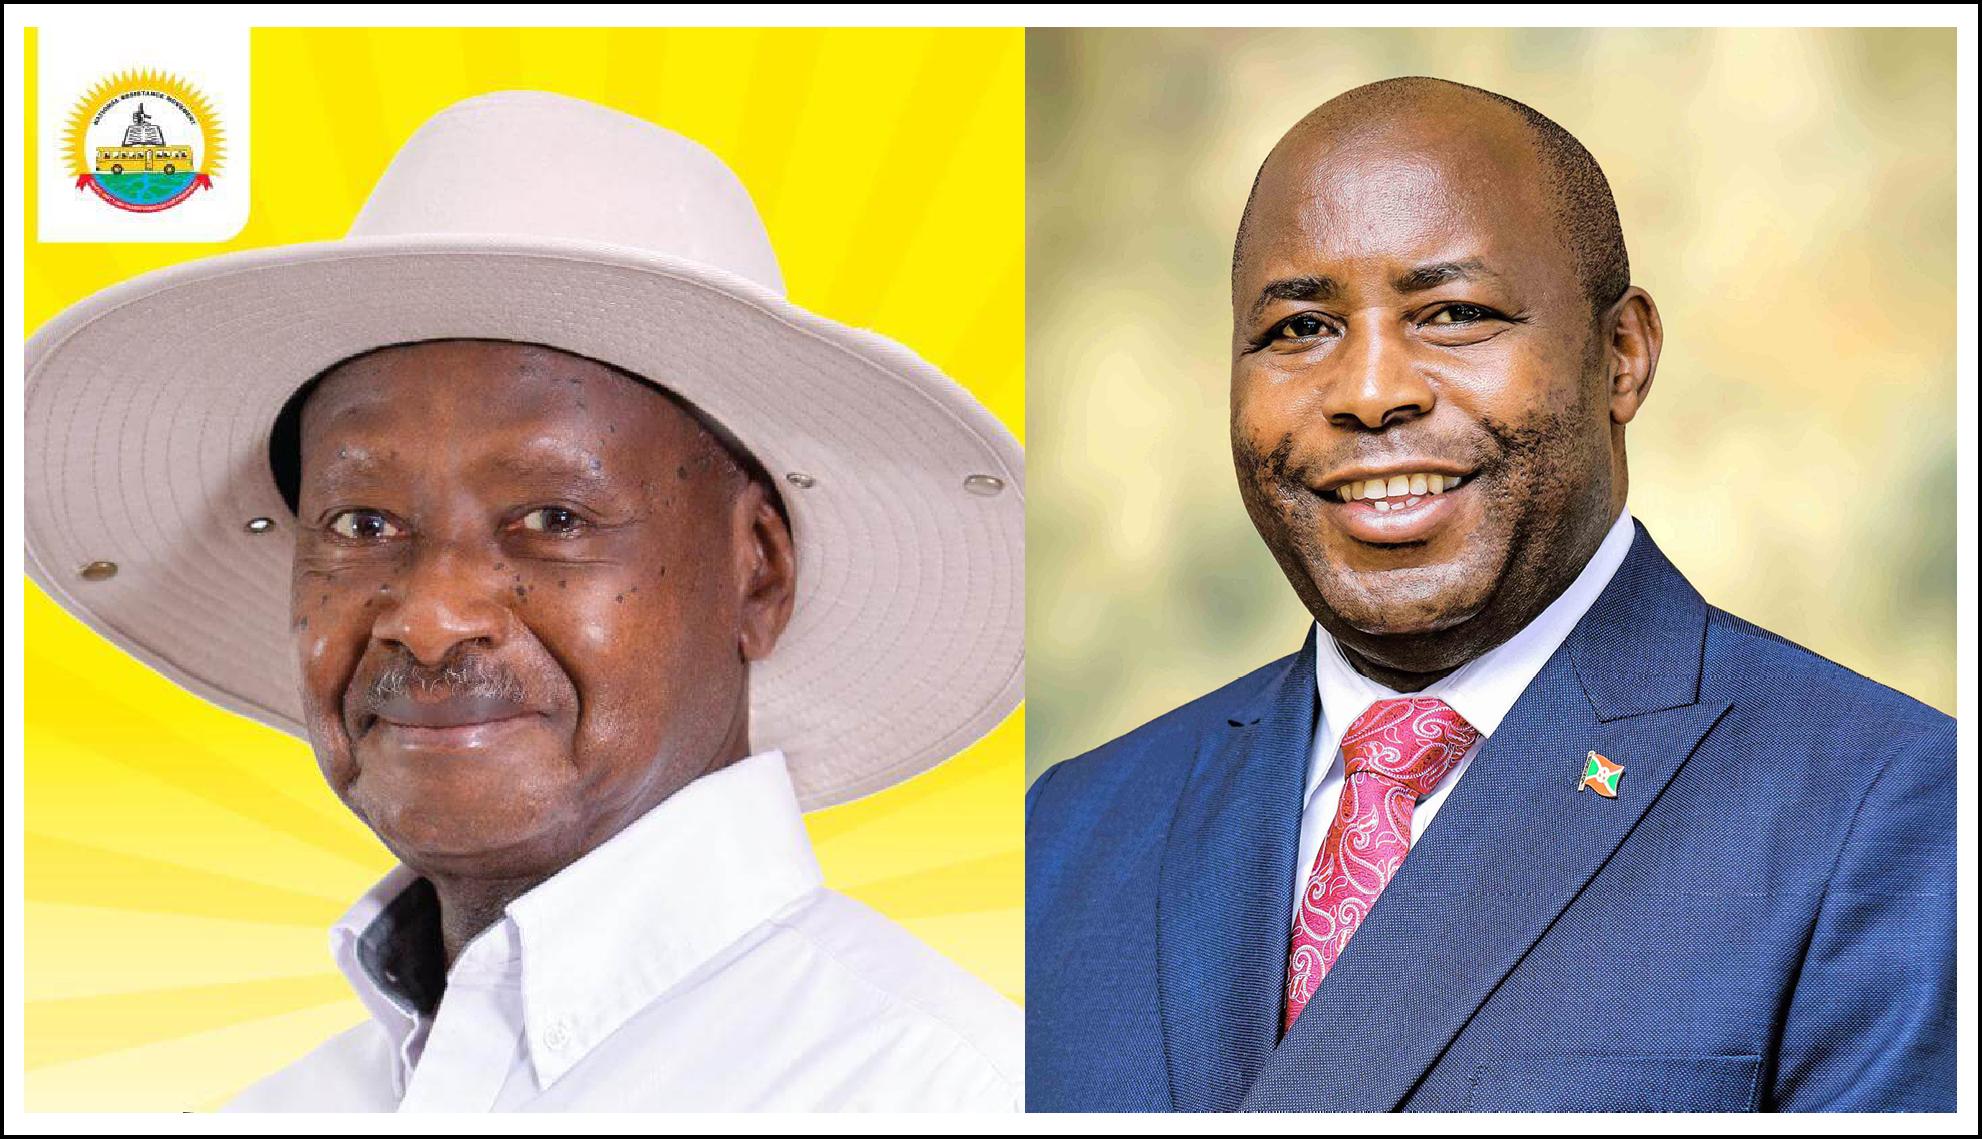 Les Chefs D'Etat Burundais et Ougandais satisfaits de la production agricole dans leurs pays respectifs